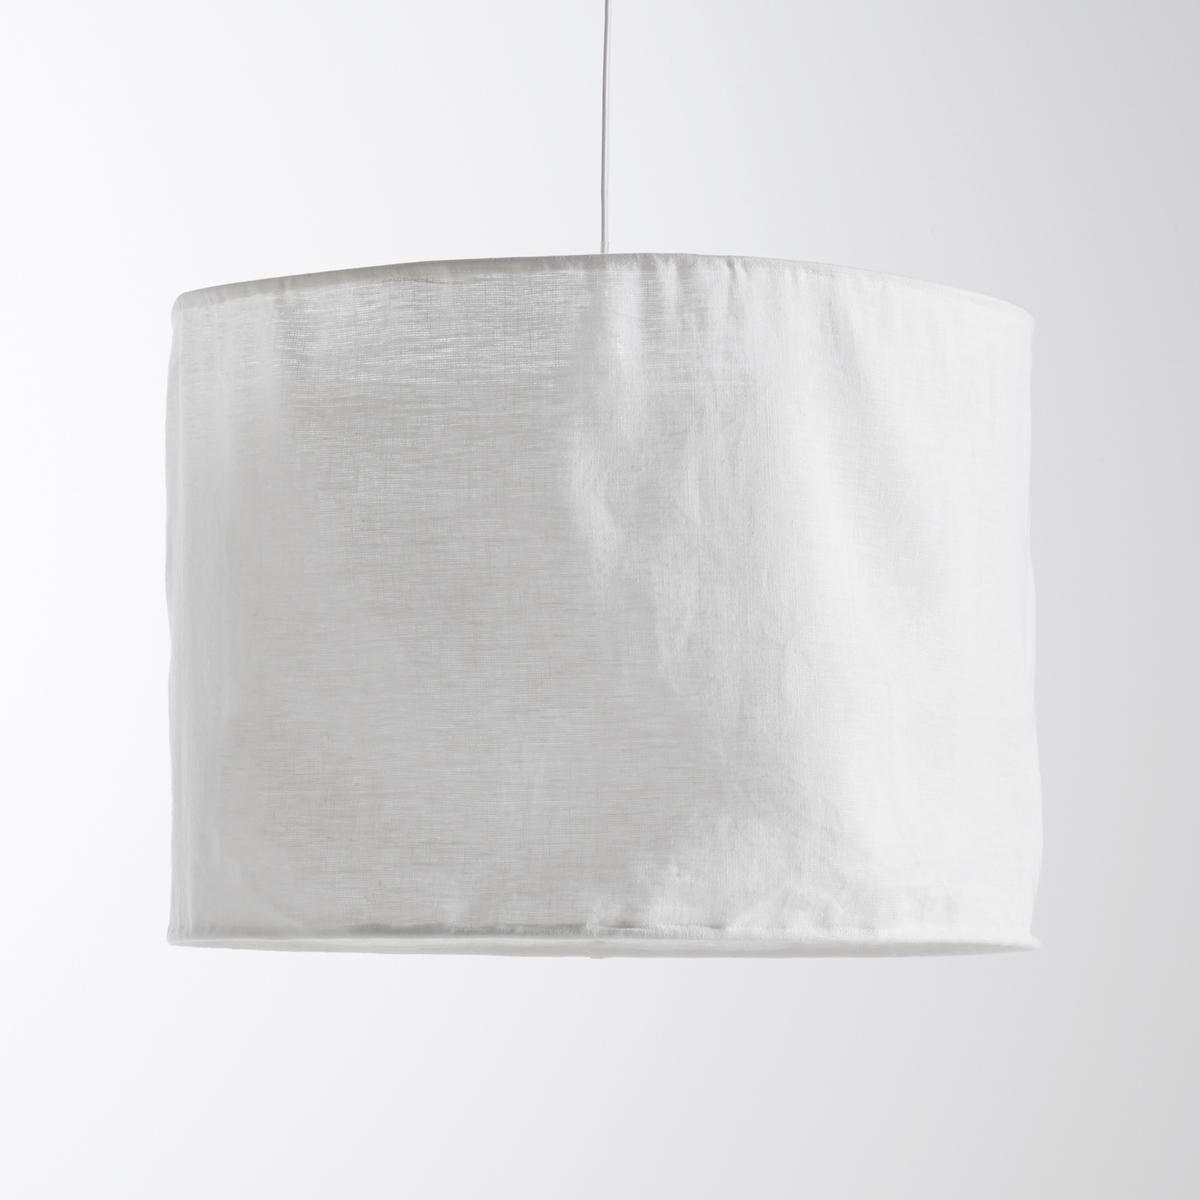 Светильник из жатого льна,, ThadeОписание светильника Thade   :НеэлектрифицированныйЦоколь E27 для лампы 60 Вт максимум (продается отдельно)  Характеристики светильника Thade    :Из жатого льна, жесткий каркас  Всю коллекцию светильников вы можете найти на сайте laredoute.ru.Размеры светильника Thade  :Размер 2   :Диаметр : 50 смВысота : 36 см<br><br>Цвет: белый,серо-коричневый,серый жемчужный,фиолетовый,экрю